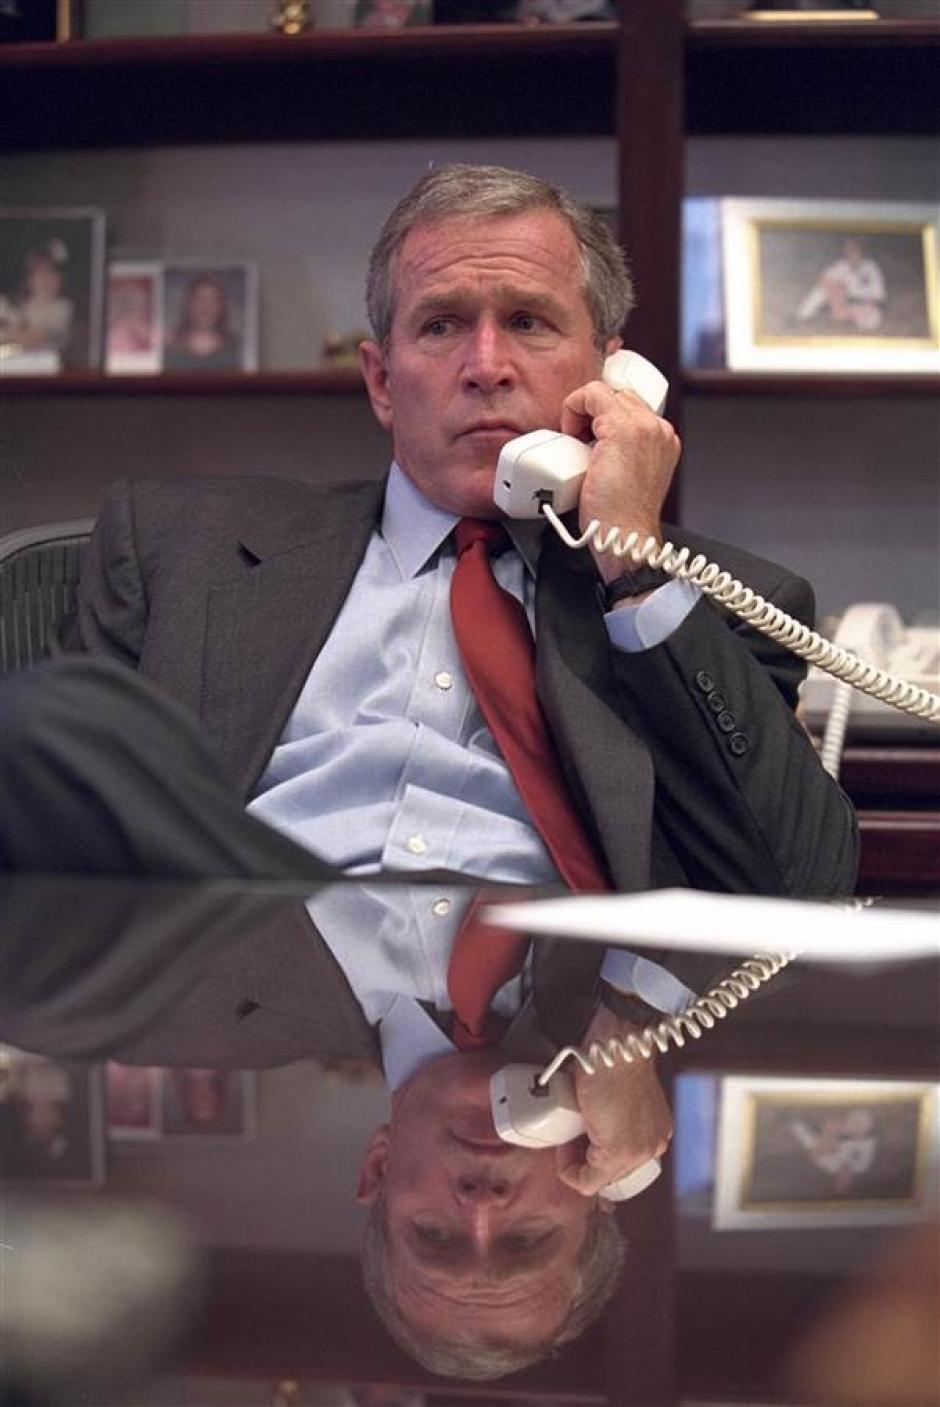 Las imágenes fueron capturadas por el fotógrafo personal del expresidente. (Foto: Eric Draper/Biblioteca presidencial y museo George W. Bush)